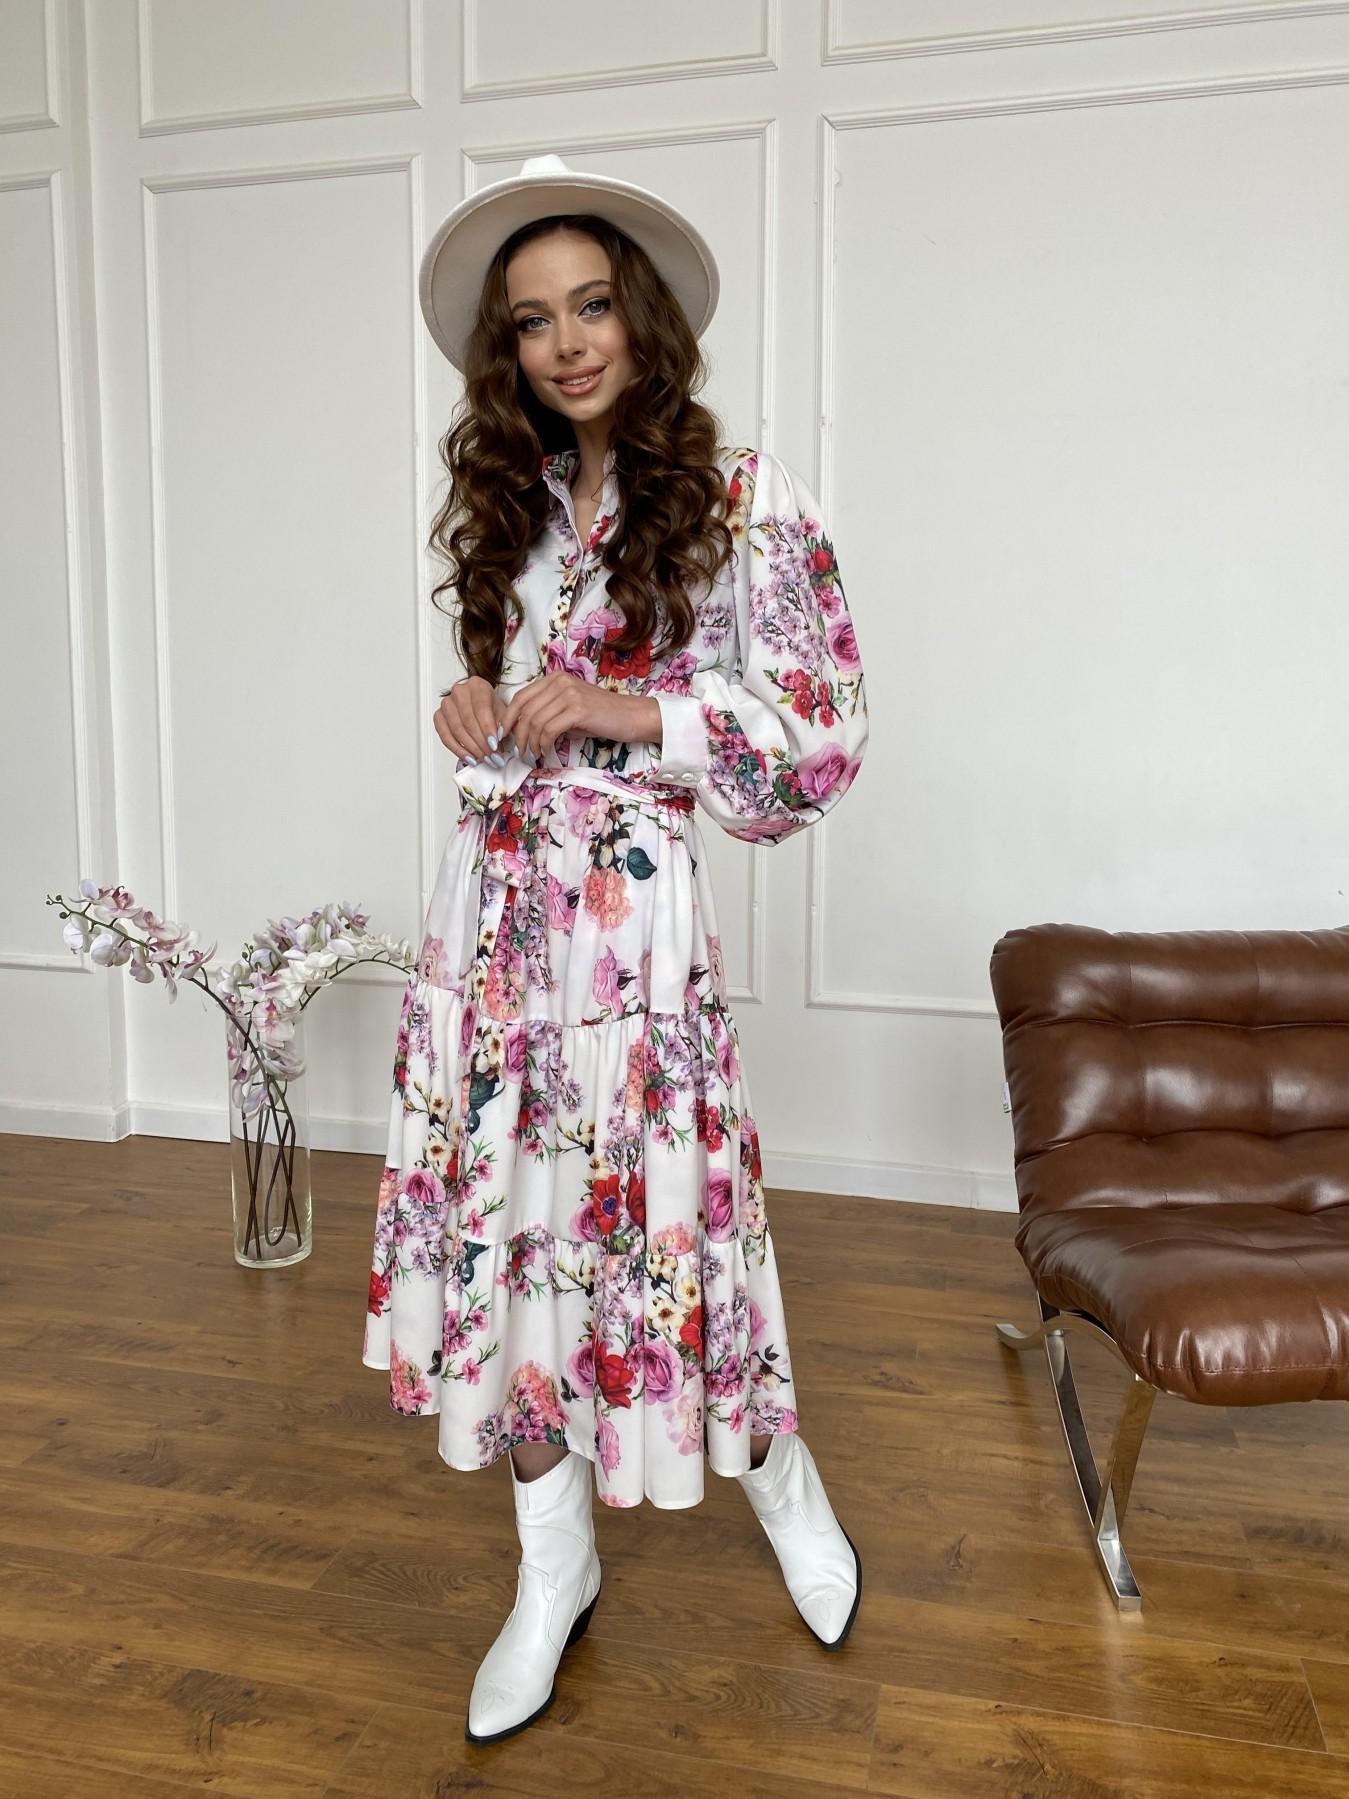 Лилия платье  софт принт бистрейч 11171 АРТ. 47709 Цвет: ВесенБукетМол/Роз/Крас - фото 3, интернет магазин tm-modus.ru